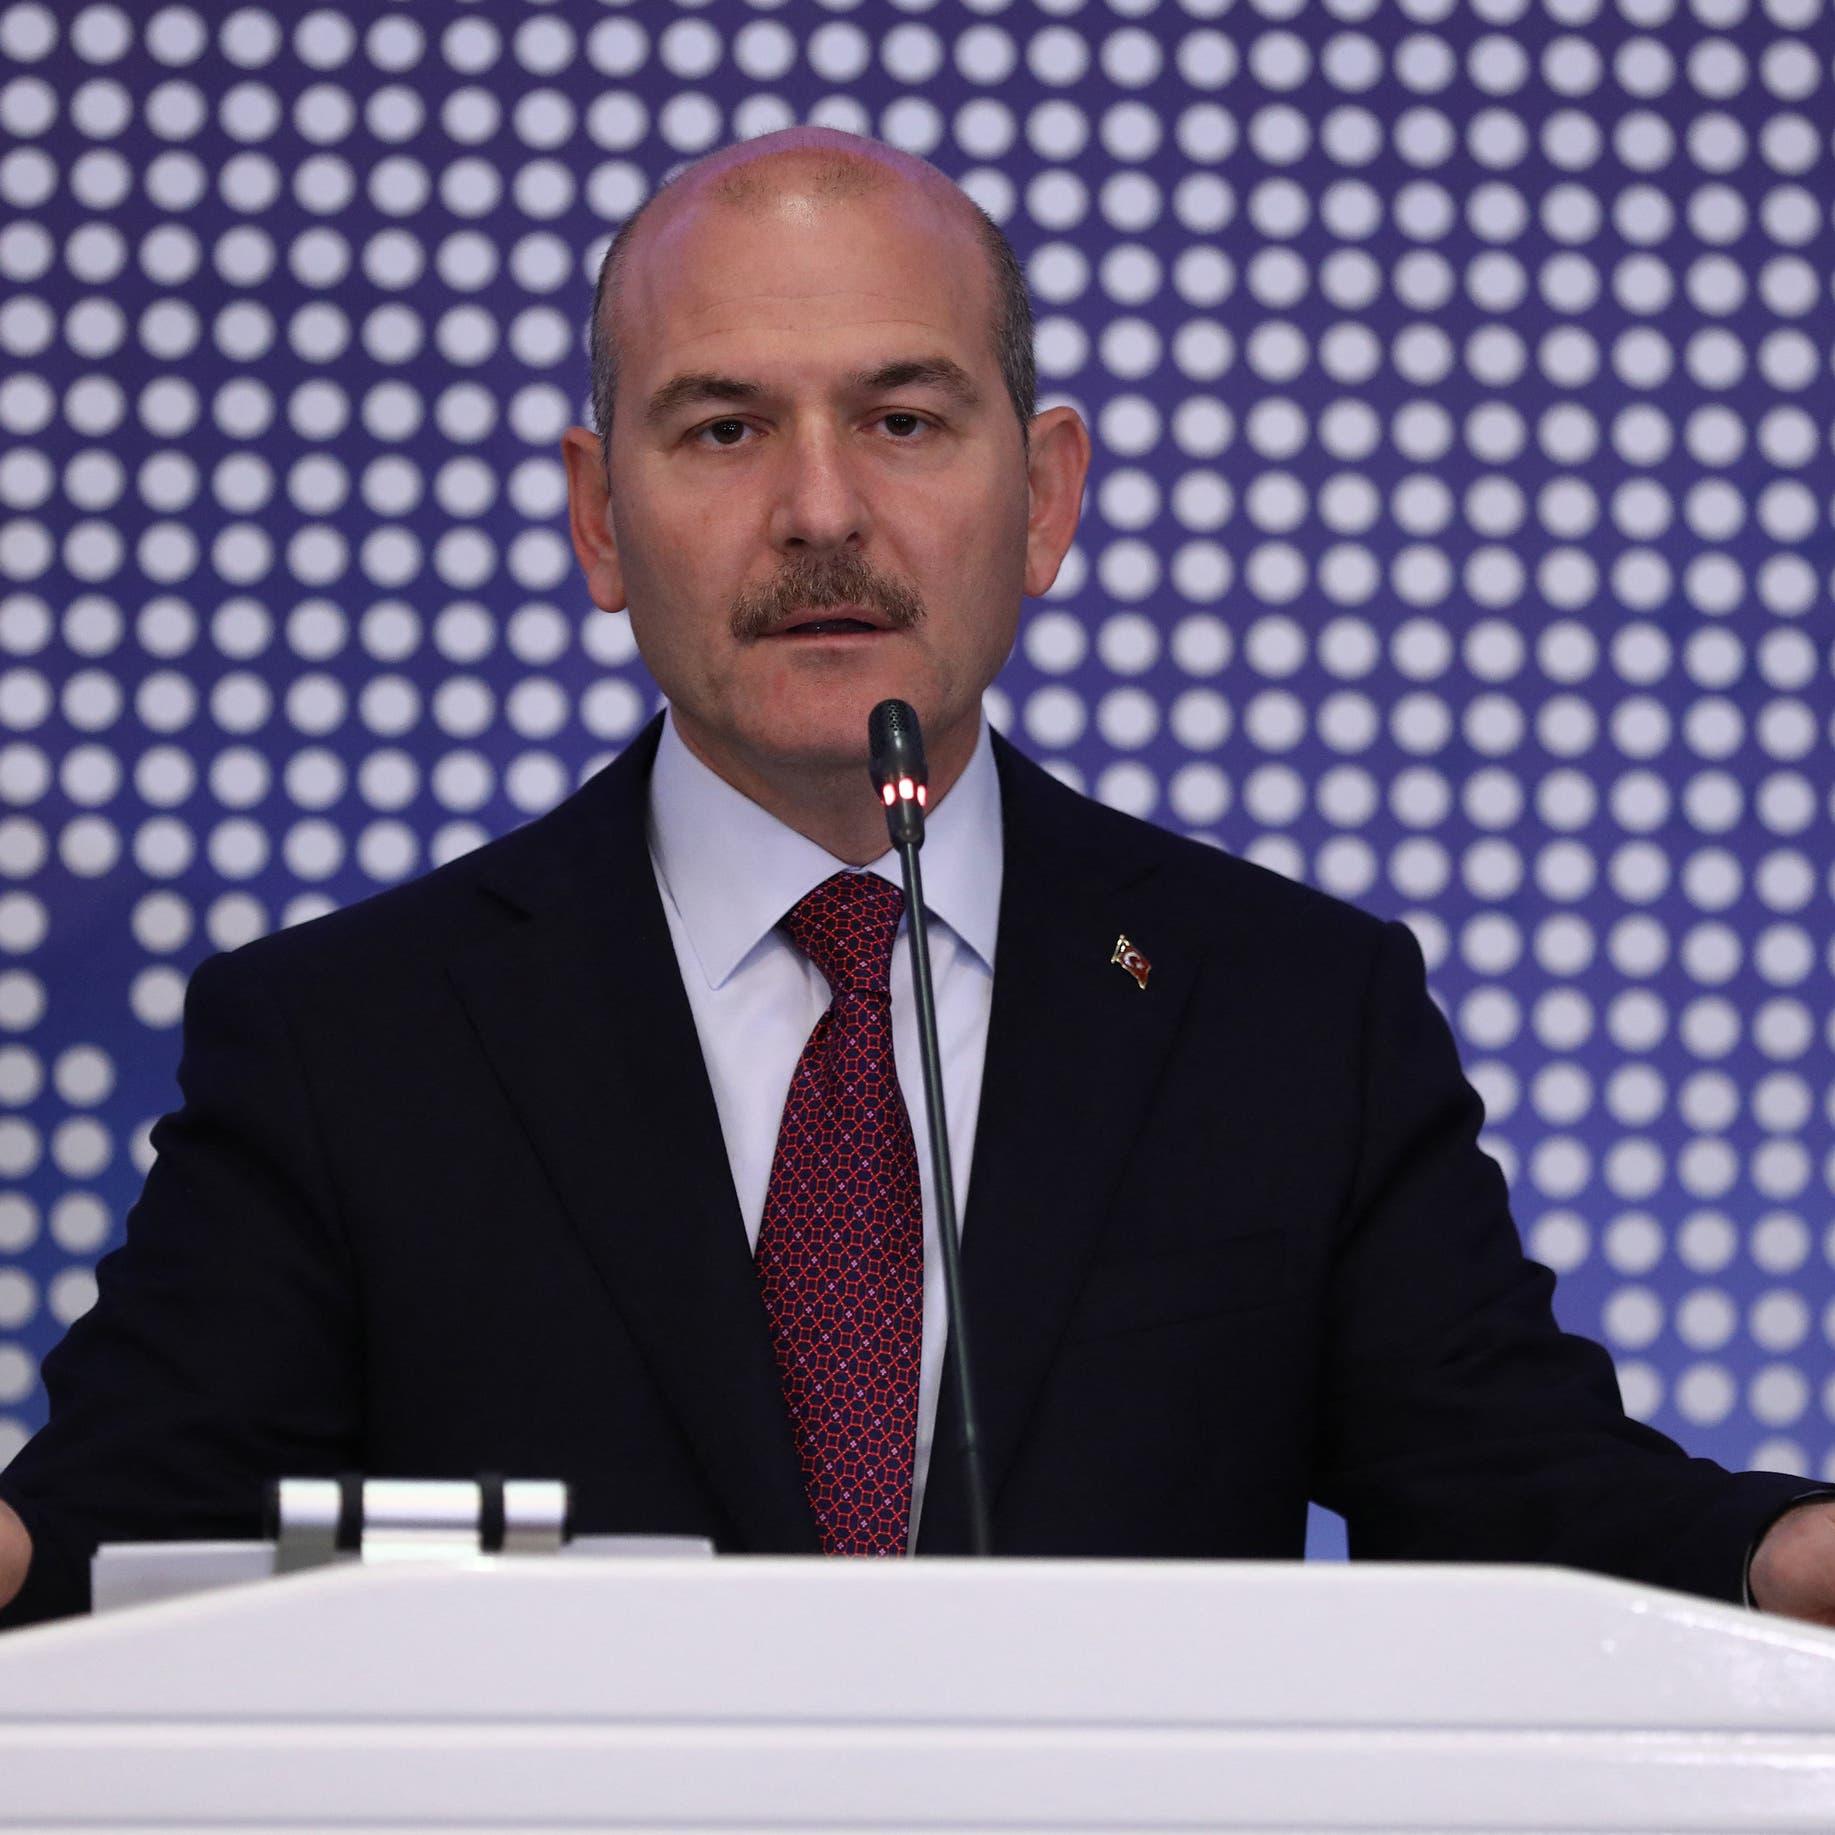 تغييرات مرتقبة في الحكومة التركية بسبب مزاعم زعيم المافيا